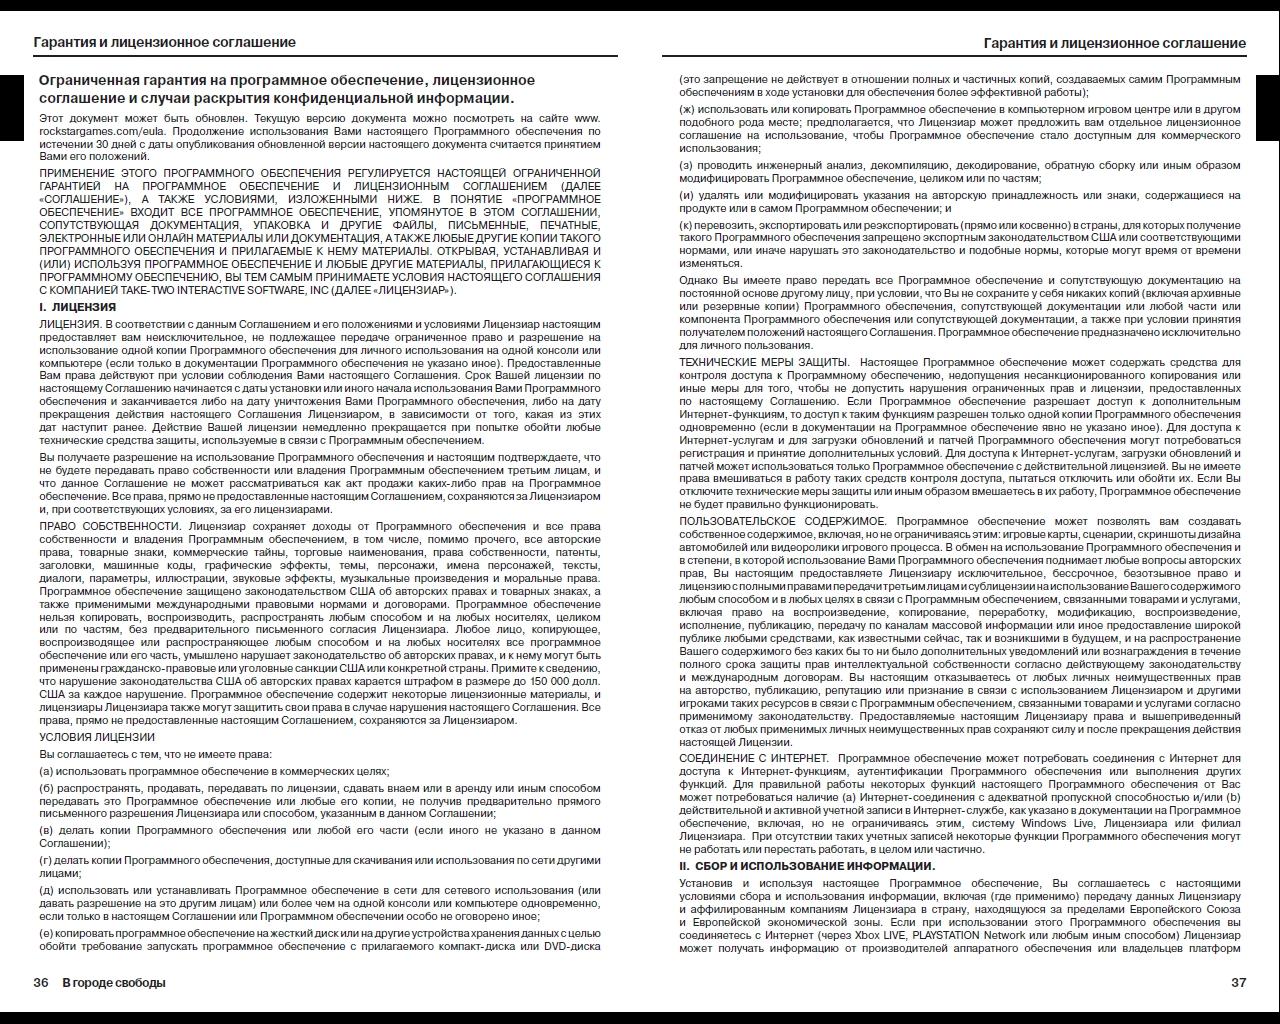 Образец заявления о выдаче судебного приказа на взыскание